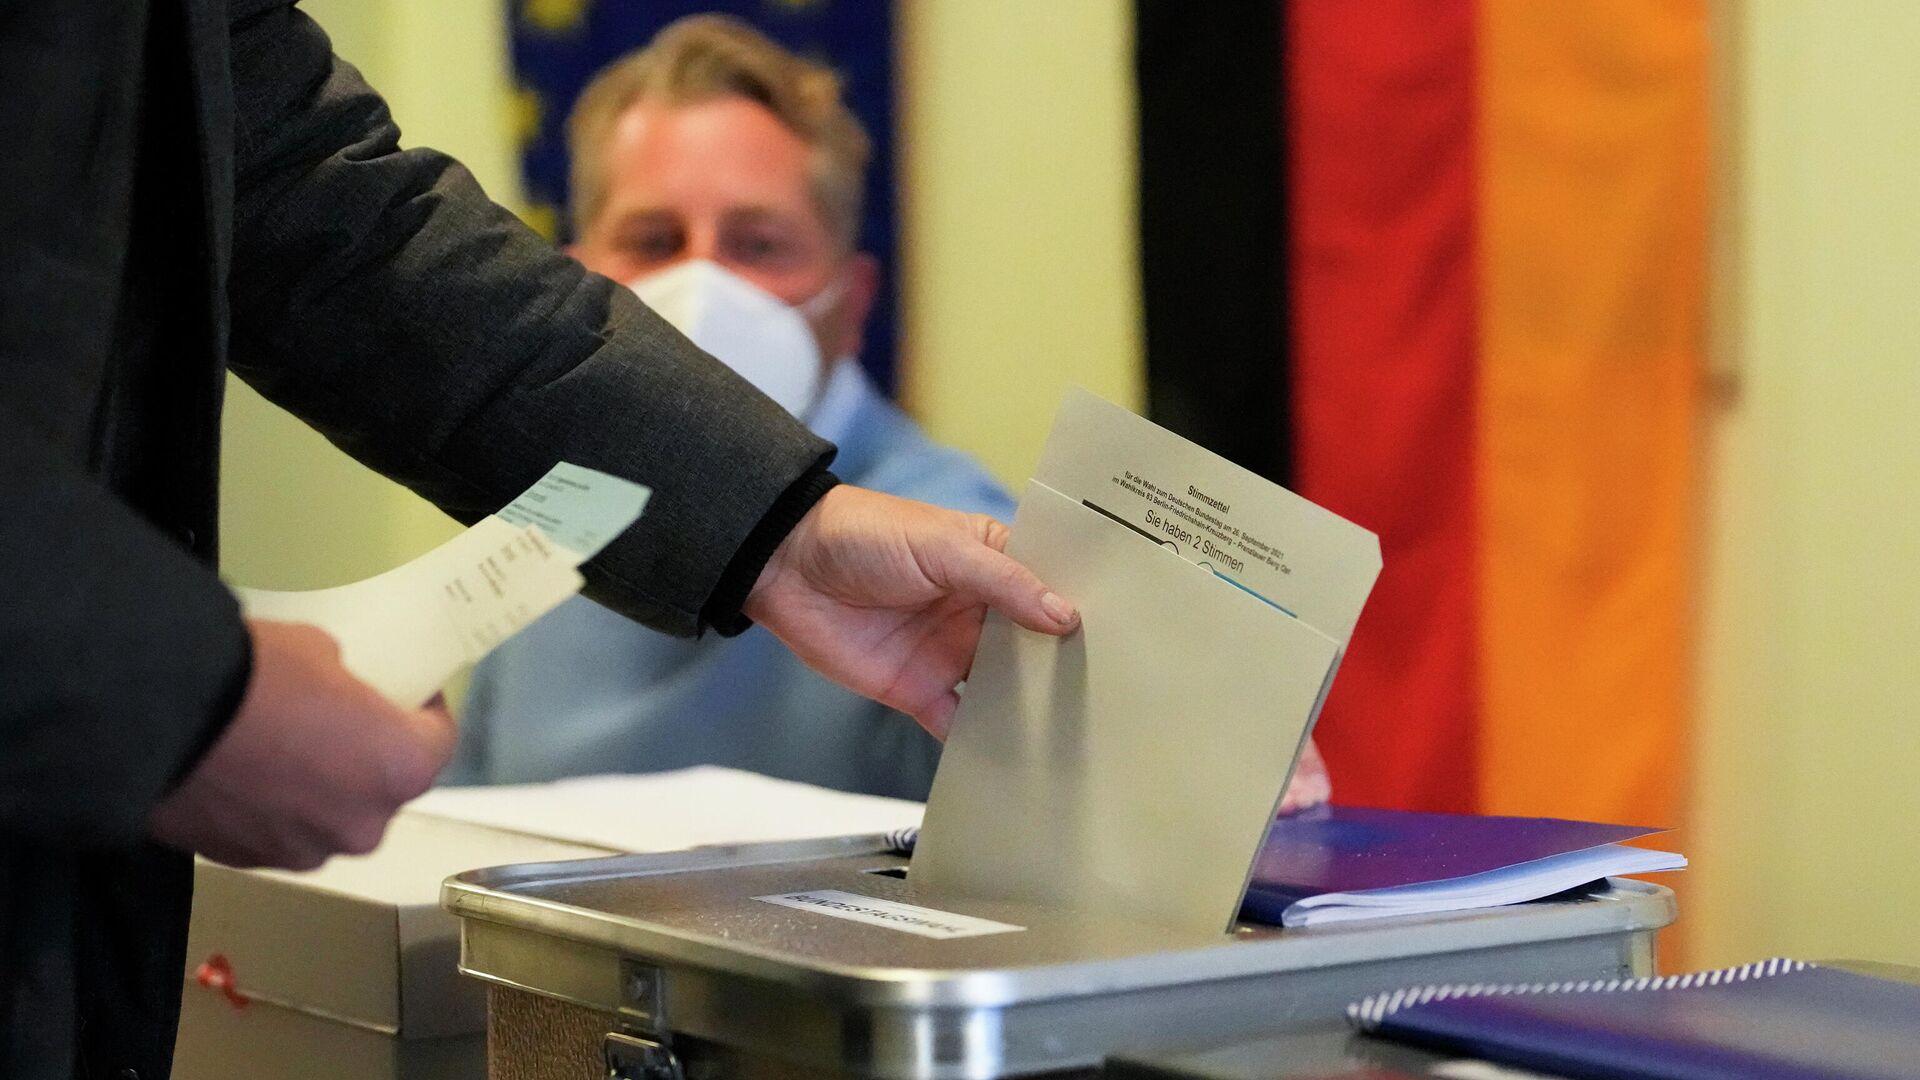 Εκλογές στη Γερμανία - Sputnik Ελλάδα, 1920, 27.09.2021